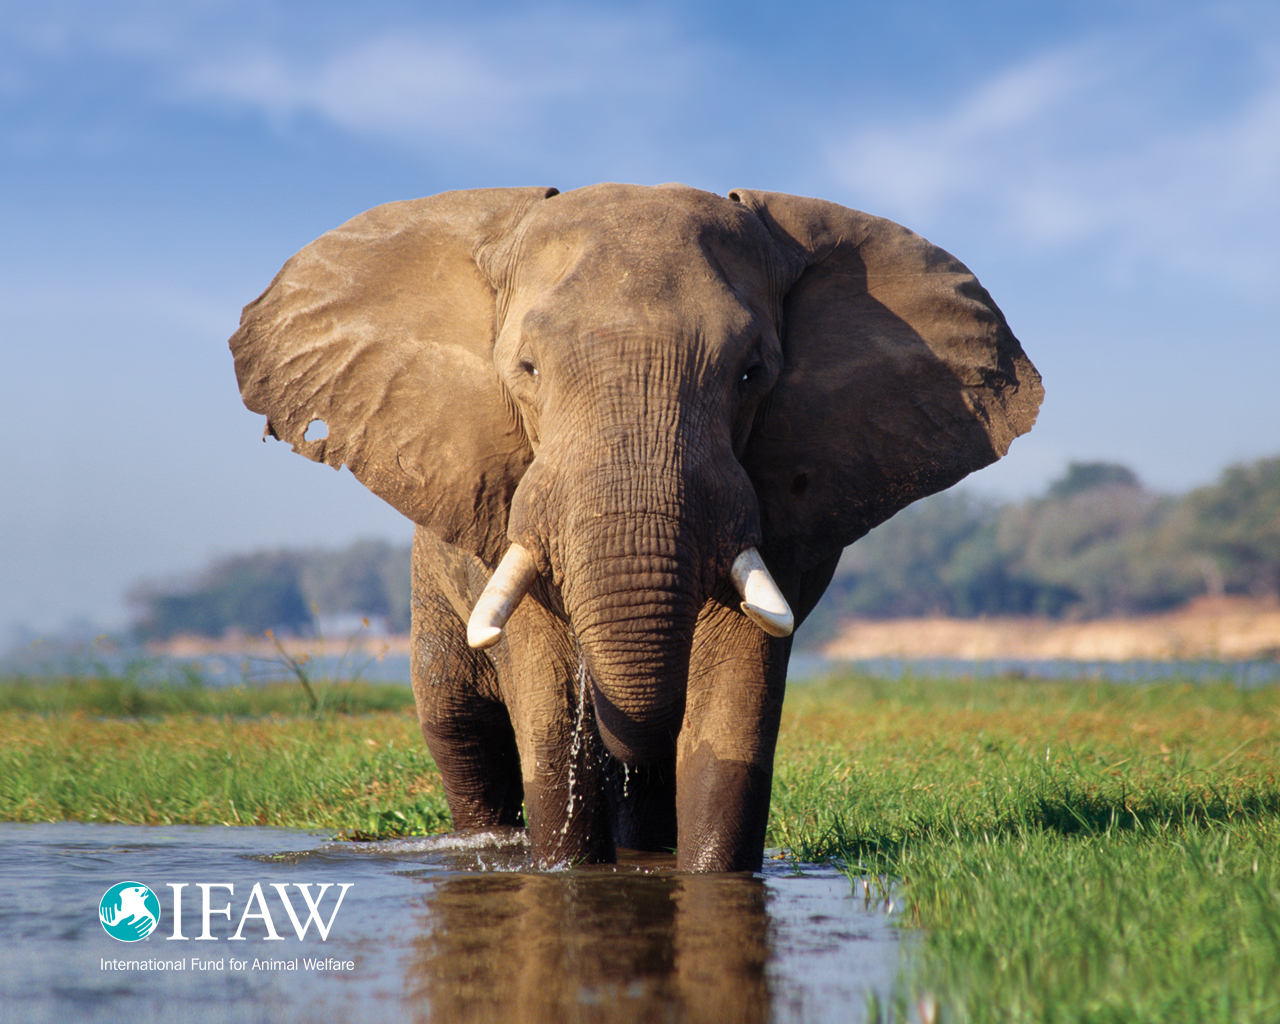 Elephant_IFAW